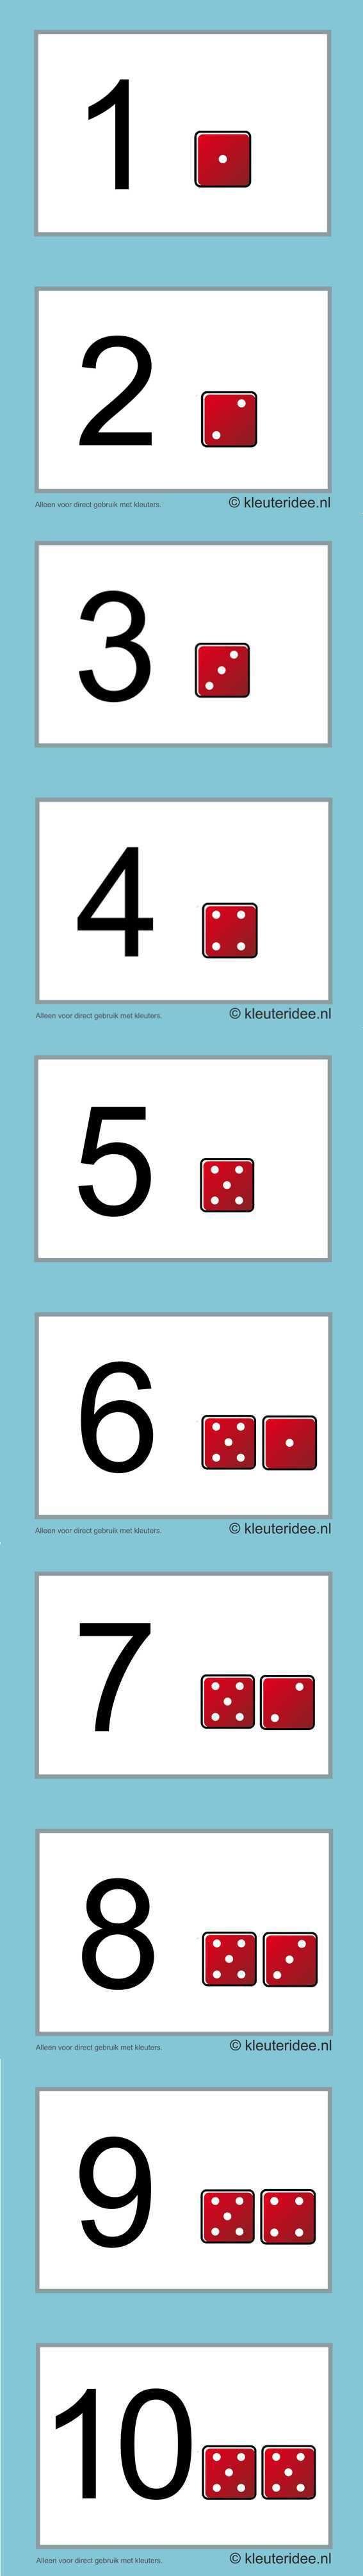 Cijferkaarten voor kleuters 1-10, kleuteridee, number cards for ...